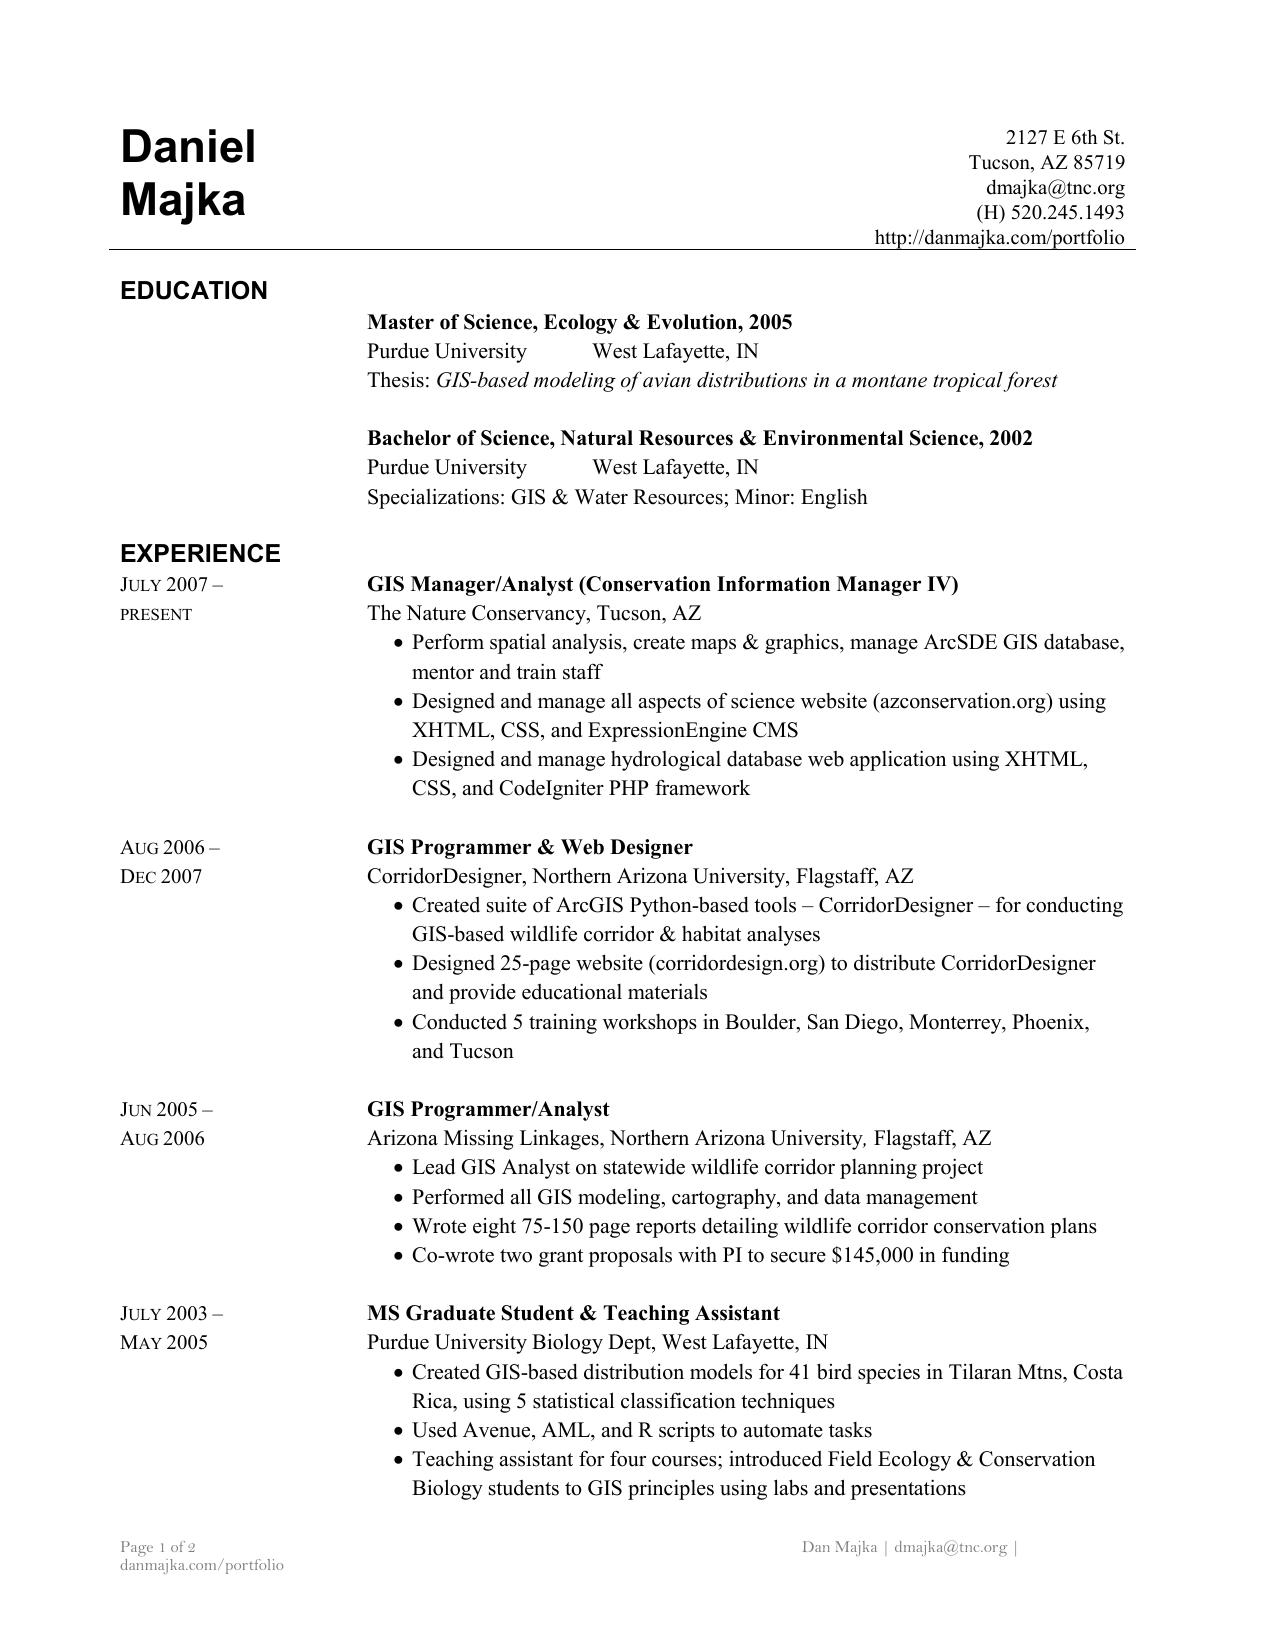 Daniel Majka Resume